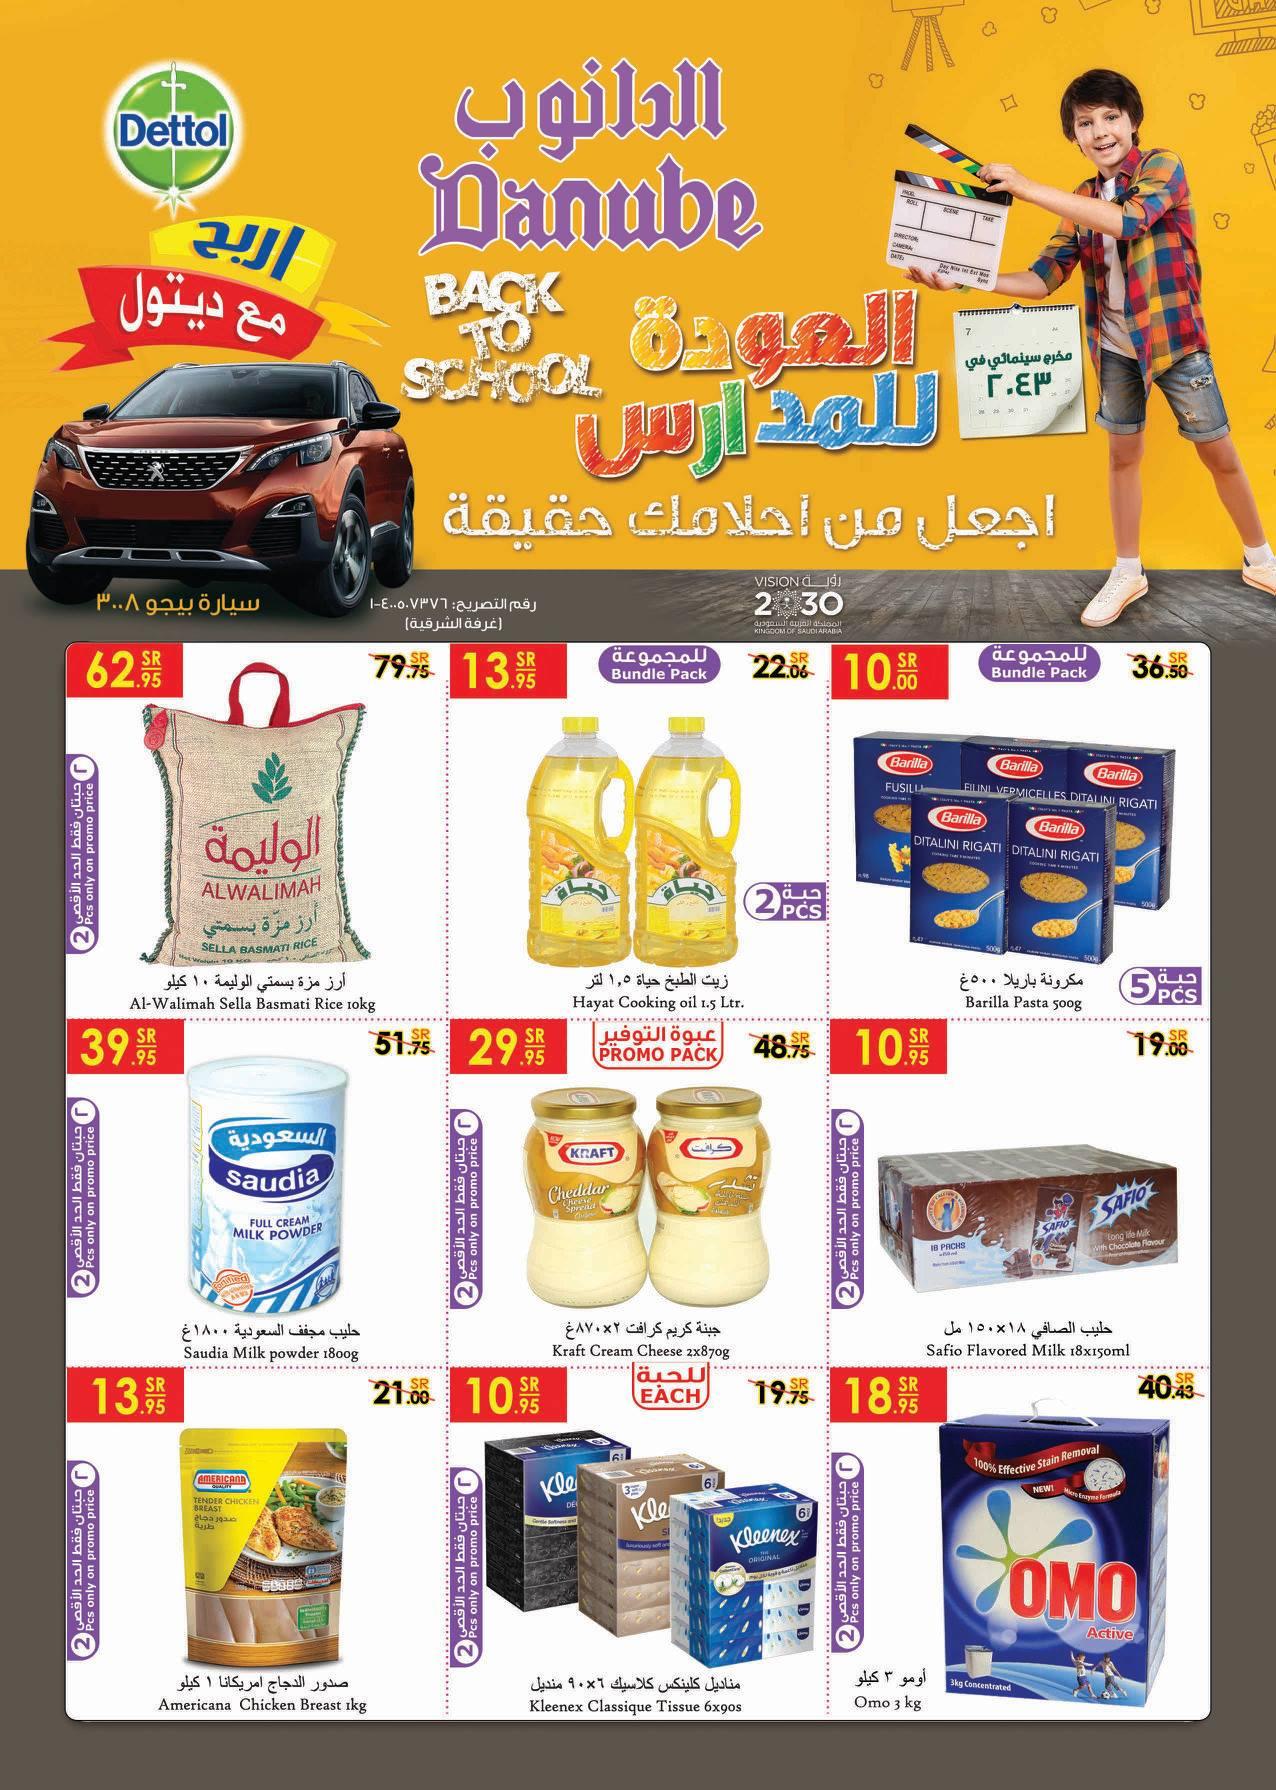 عروض الدانوب الرياض و الخرج التخفيضات الاسبوعية الاربعاء 29 اغسطس 2018